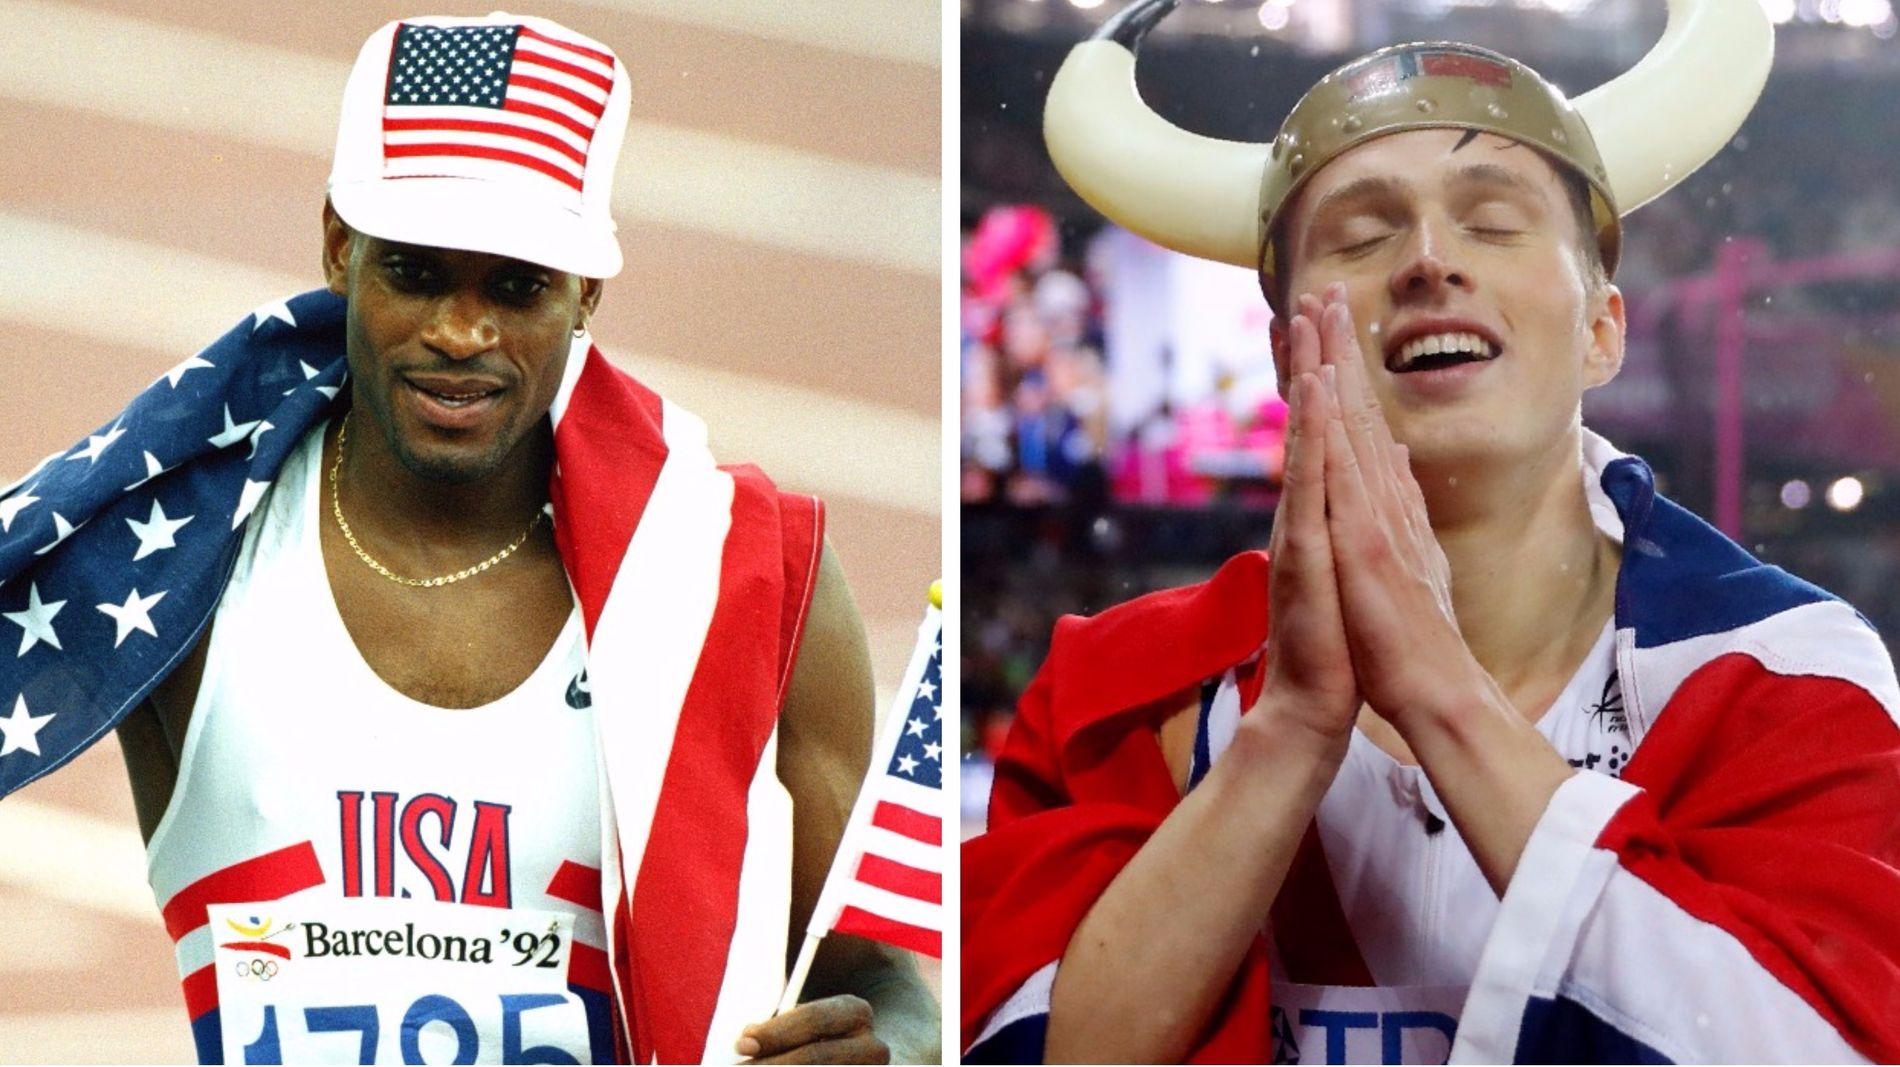 Kevin Youngs verdensrekord fra 1992 står fortsatt. Karsten Warholm er for øyeblikket verdens beste på 400 meter hekk, men ikke i nærheten av amerikanerens tid.